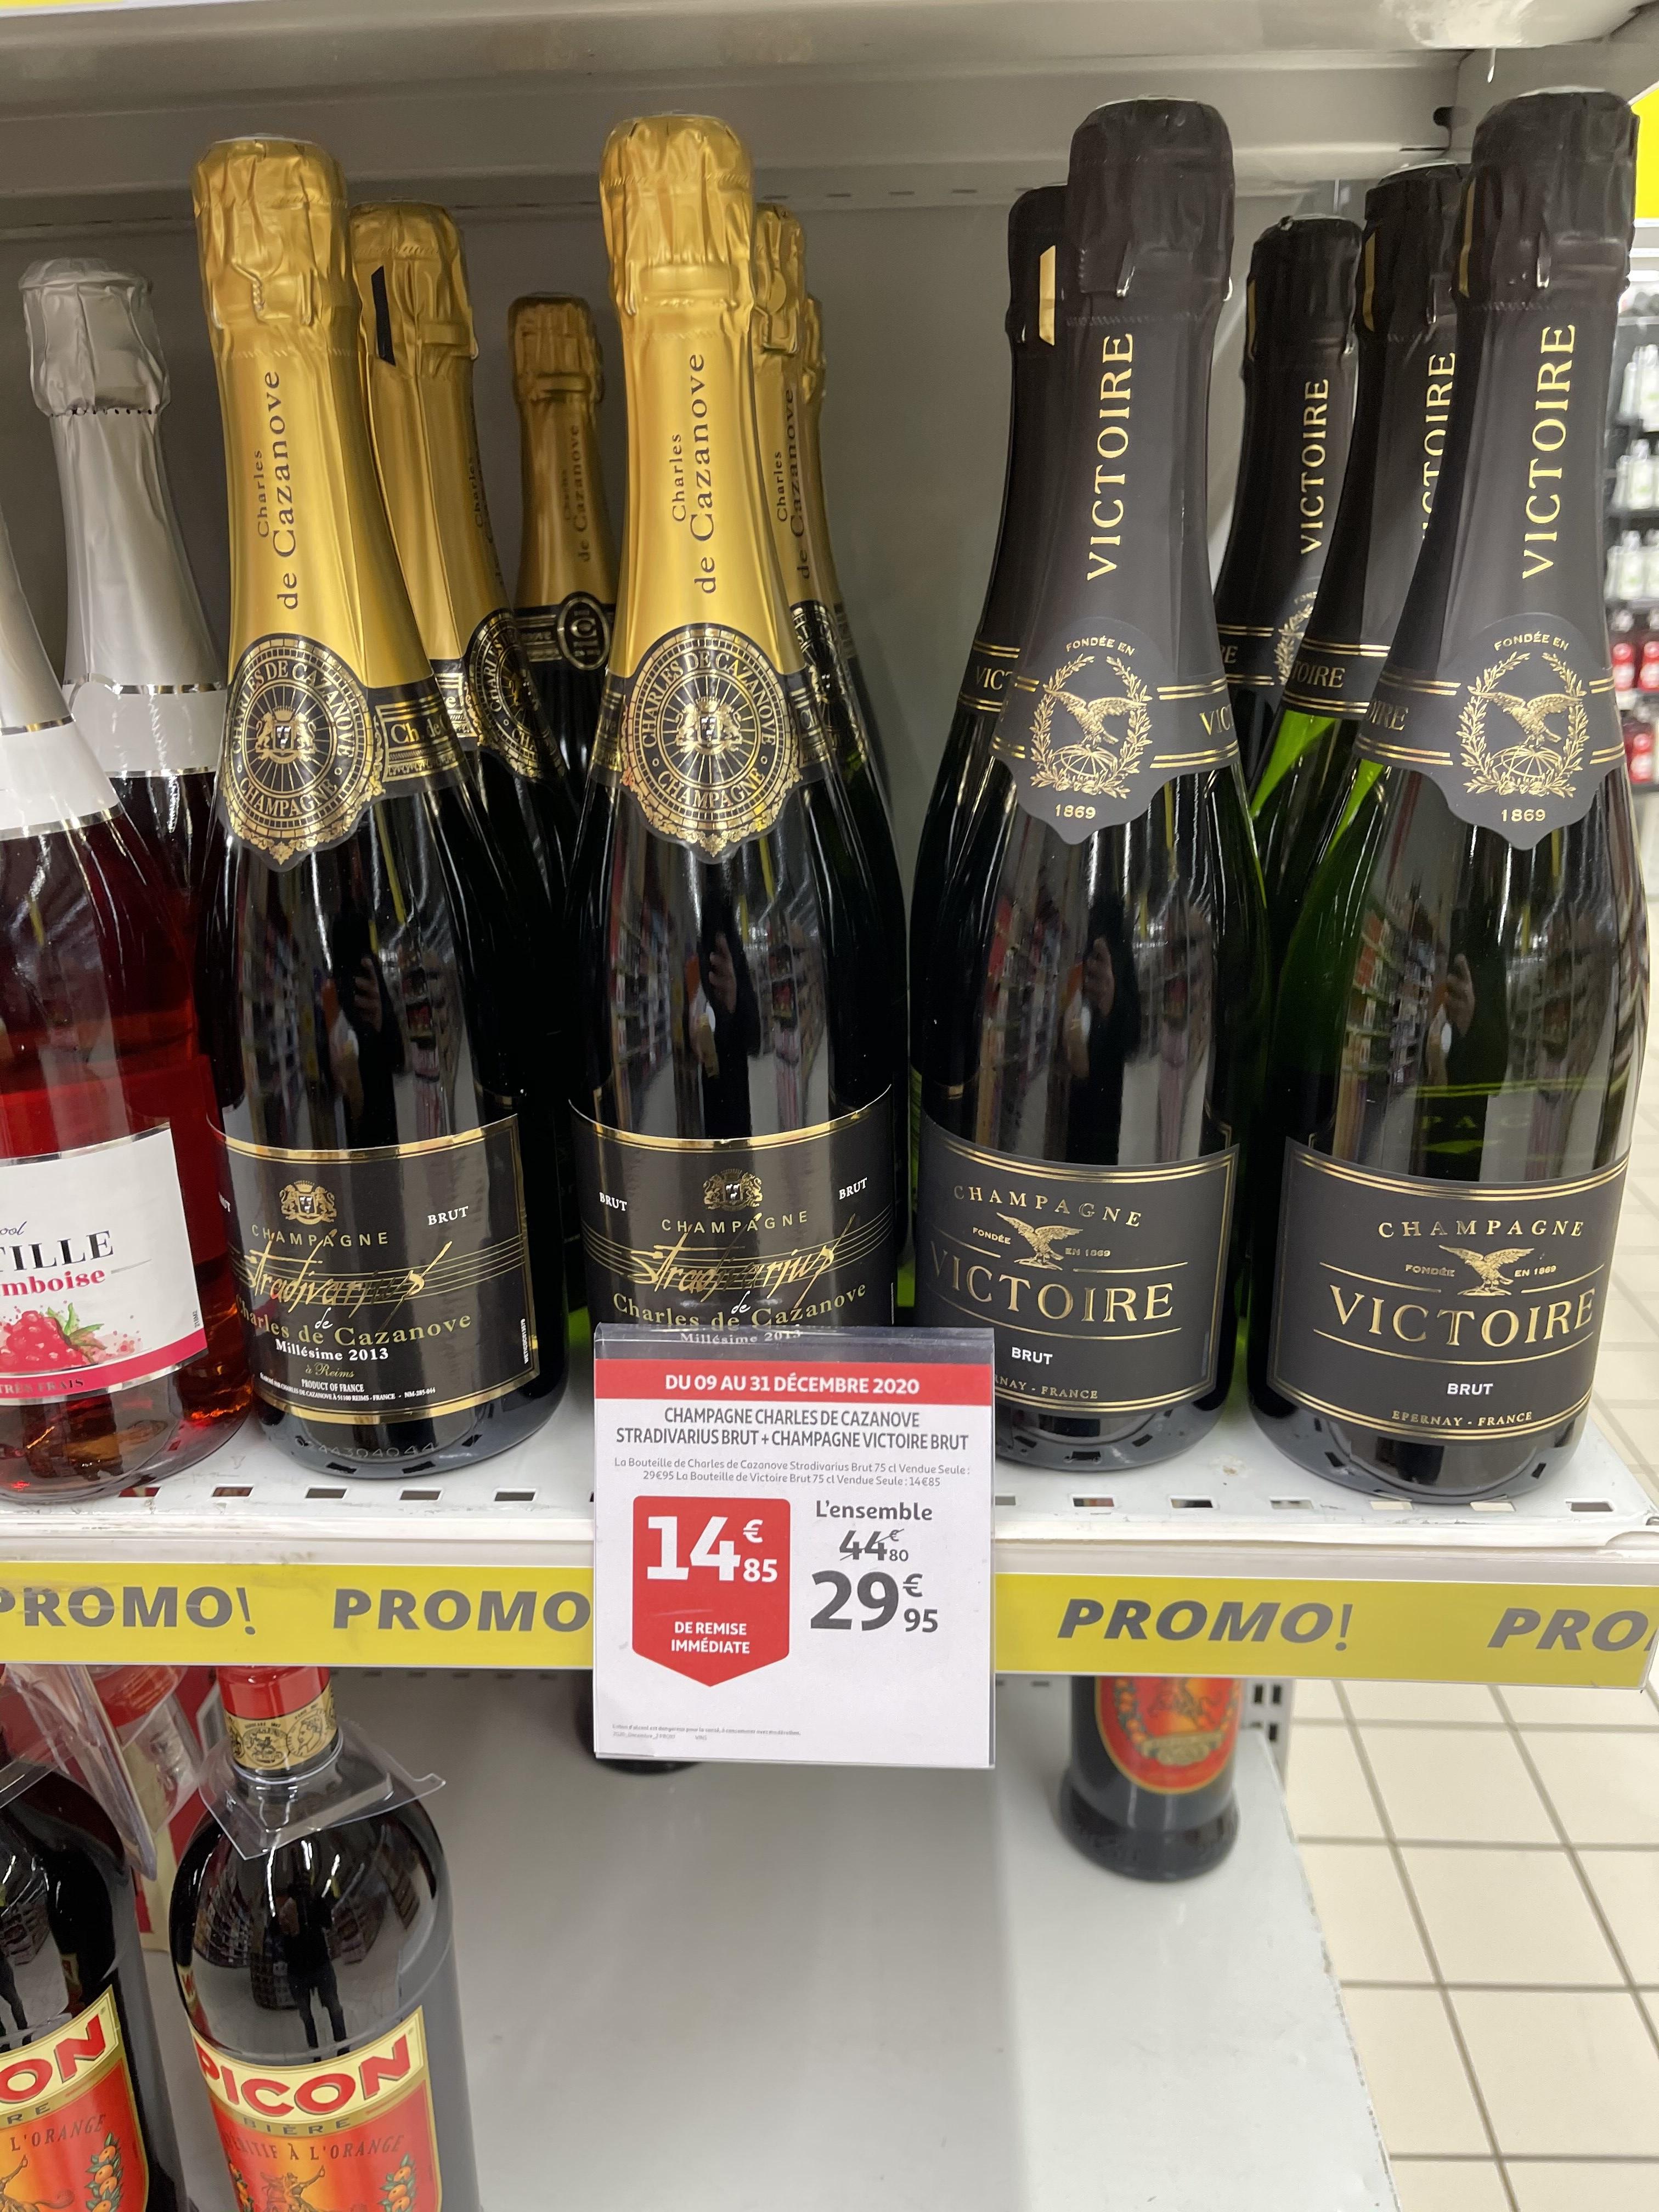 Lot de 2 bouteilles de Champagne Charles de Cazanove - Auchan Mutzig (67)